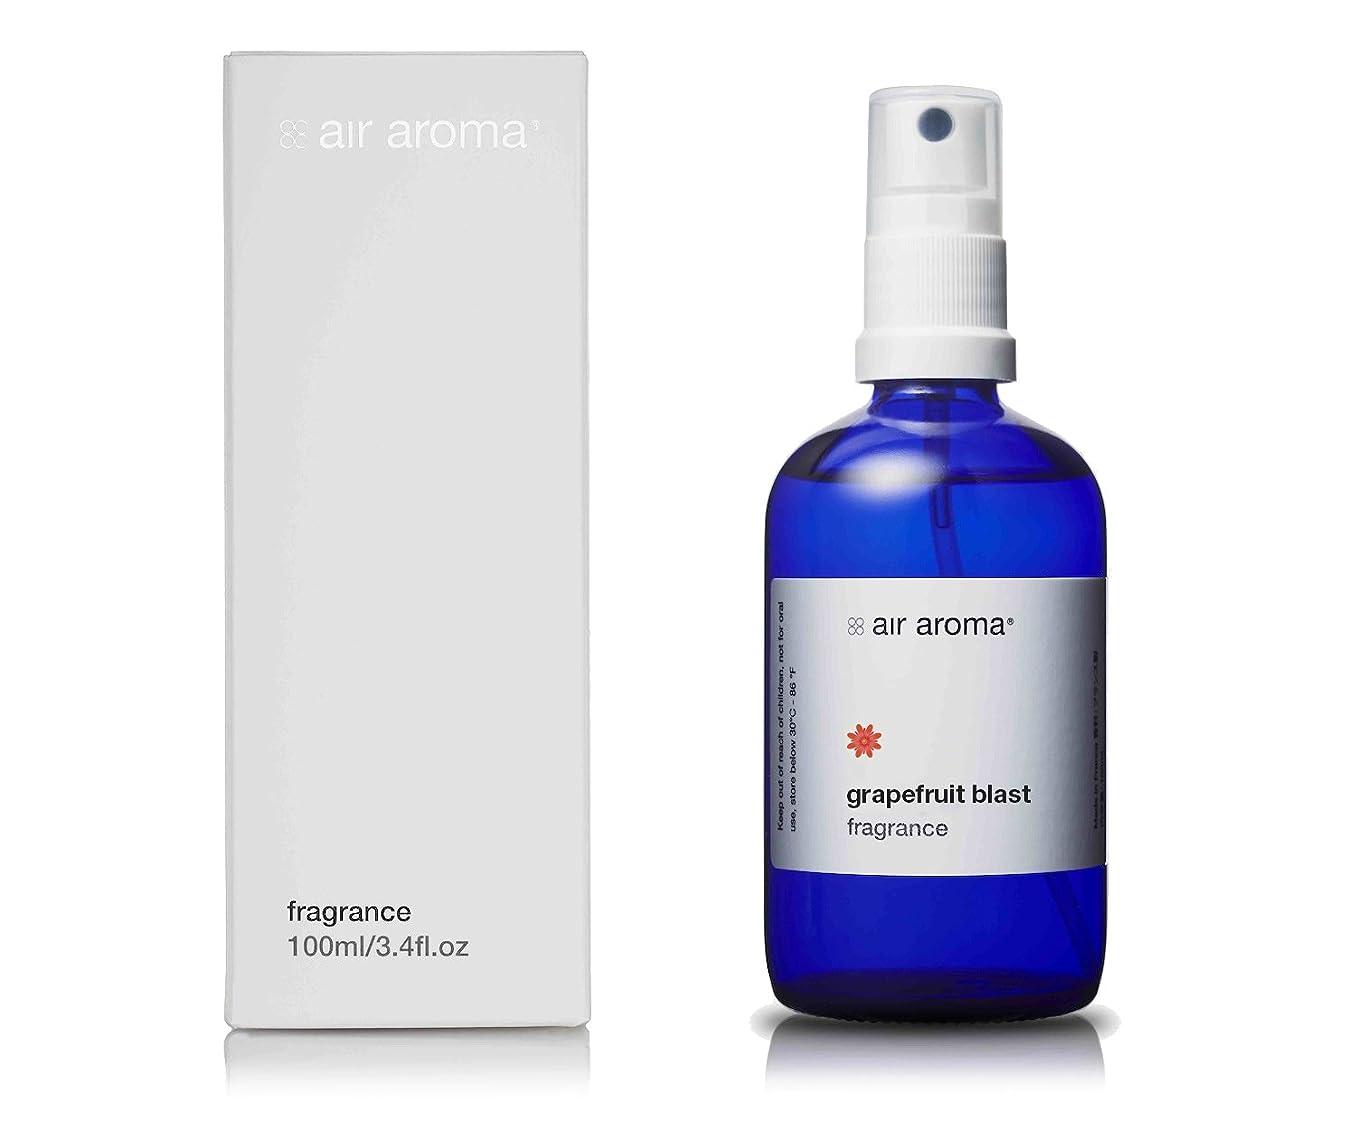 不適当裁量絶対のエアアロマ grapefruit blast room fragrance(グレープフルーツブラストルームフレグランス)100ml